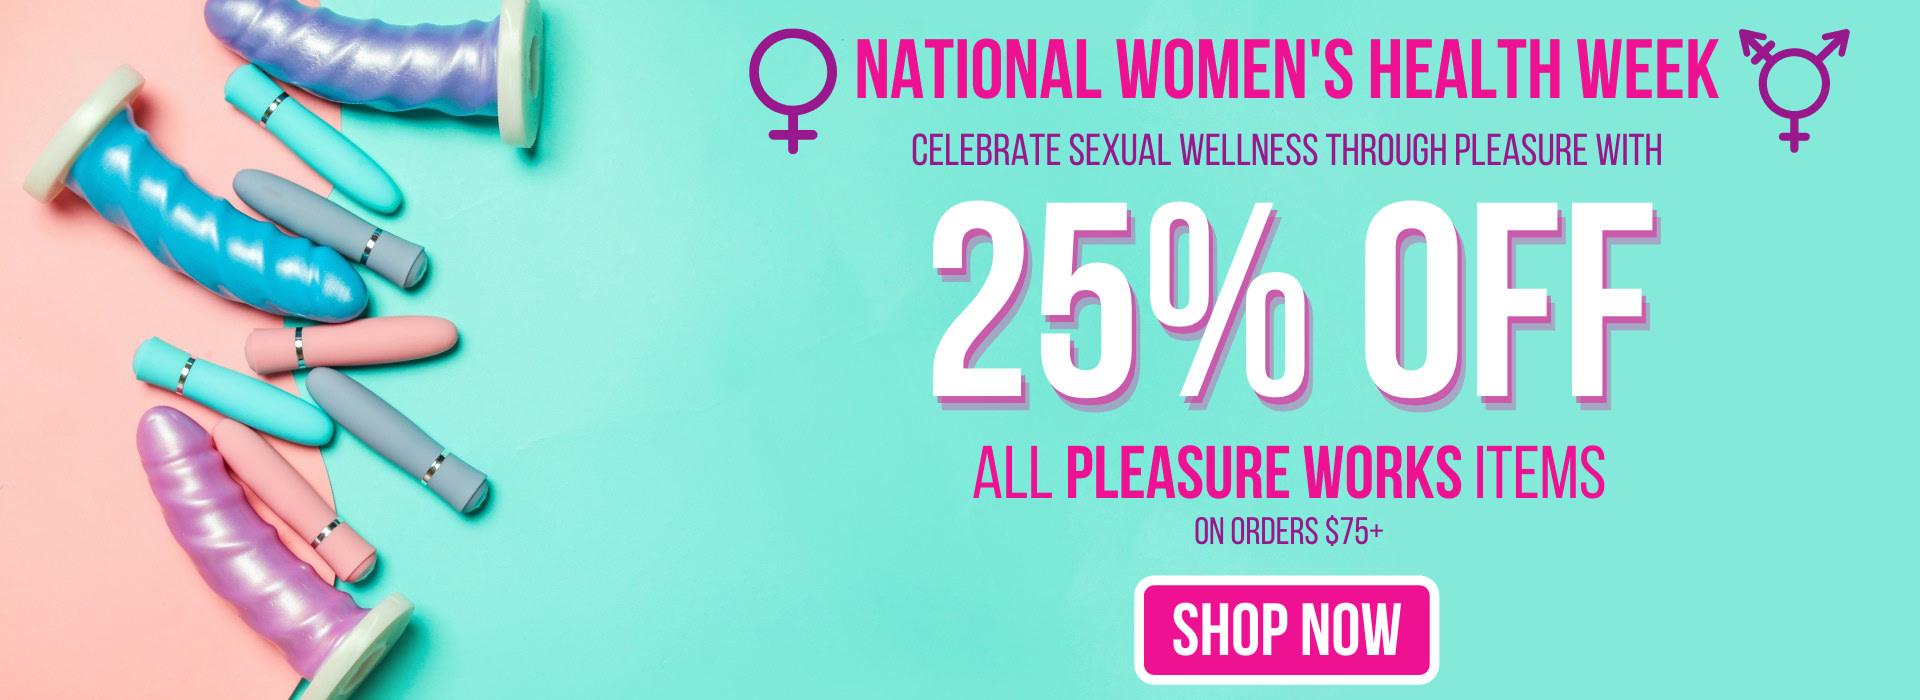 National Women's Health Week 25% Off Pleasure Works